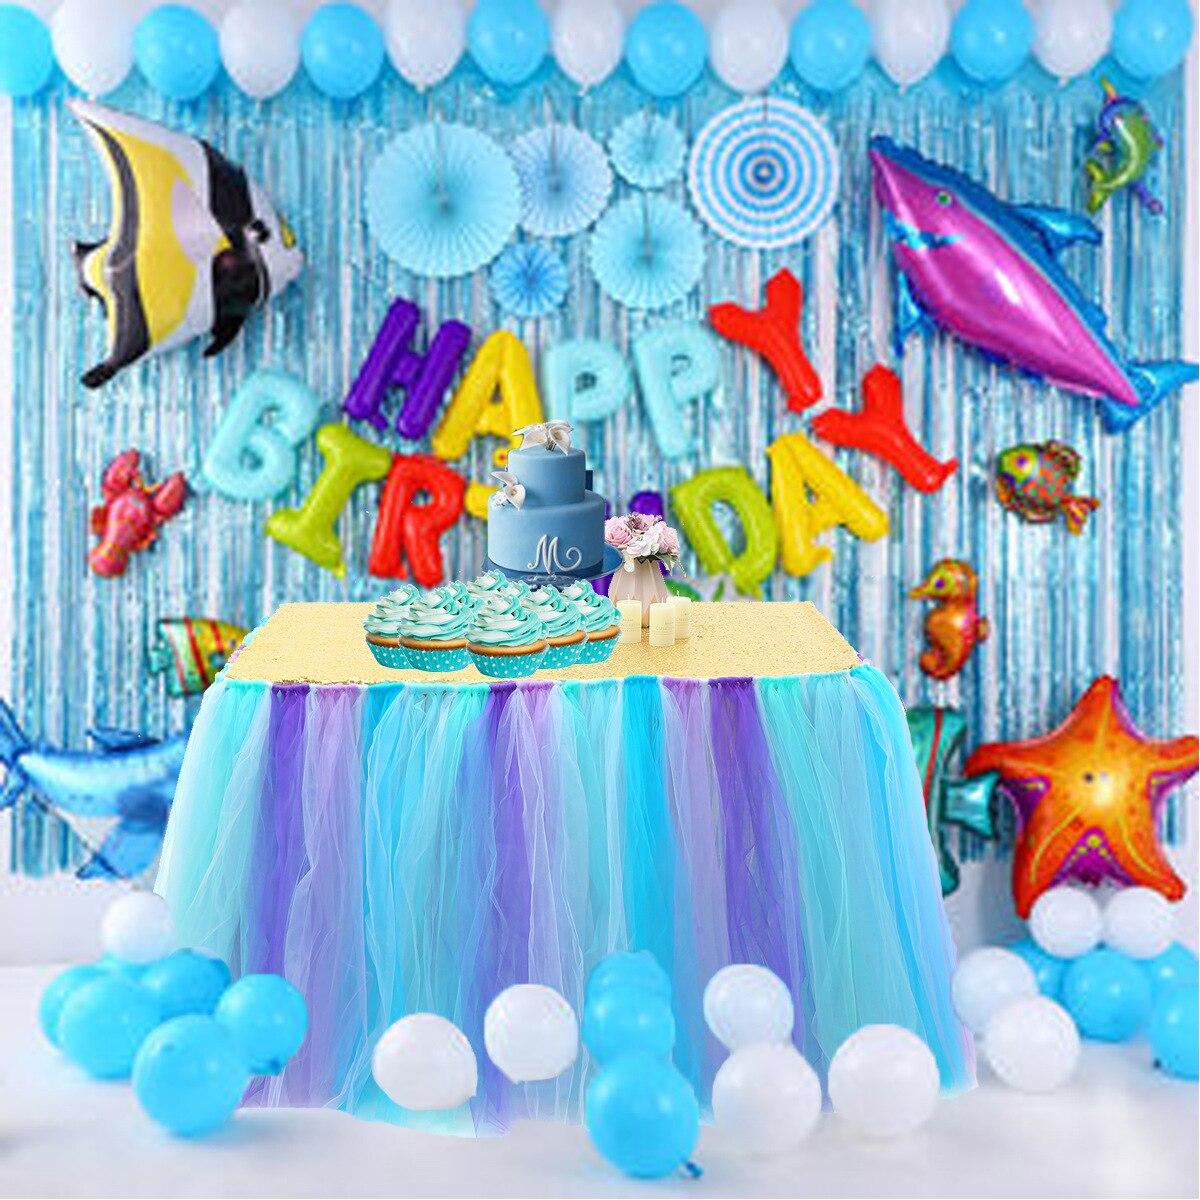 100*80 سنتيمتر مفرش طاولة تول المائدة توتو الزفاف ديكور حفلة عيد ميلاد استحمام الطفل الأميرة موضوع لوازم الحفلات المنسوجات المنزلية